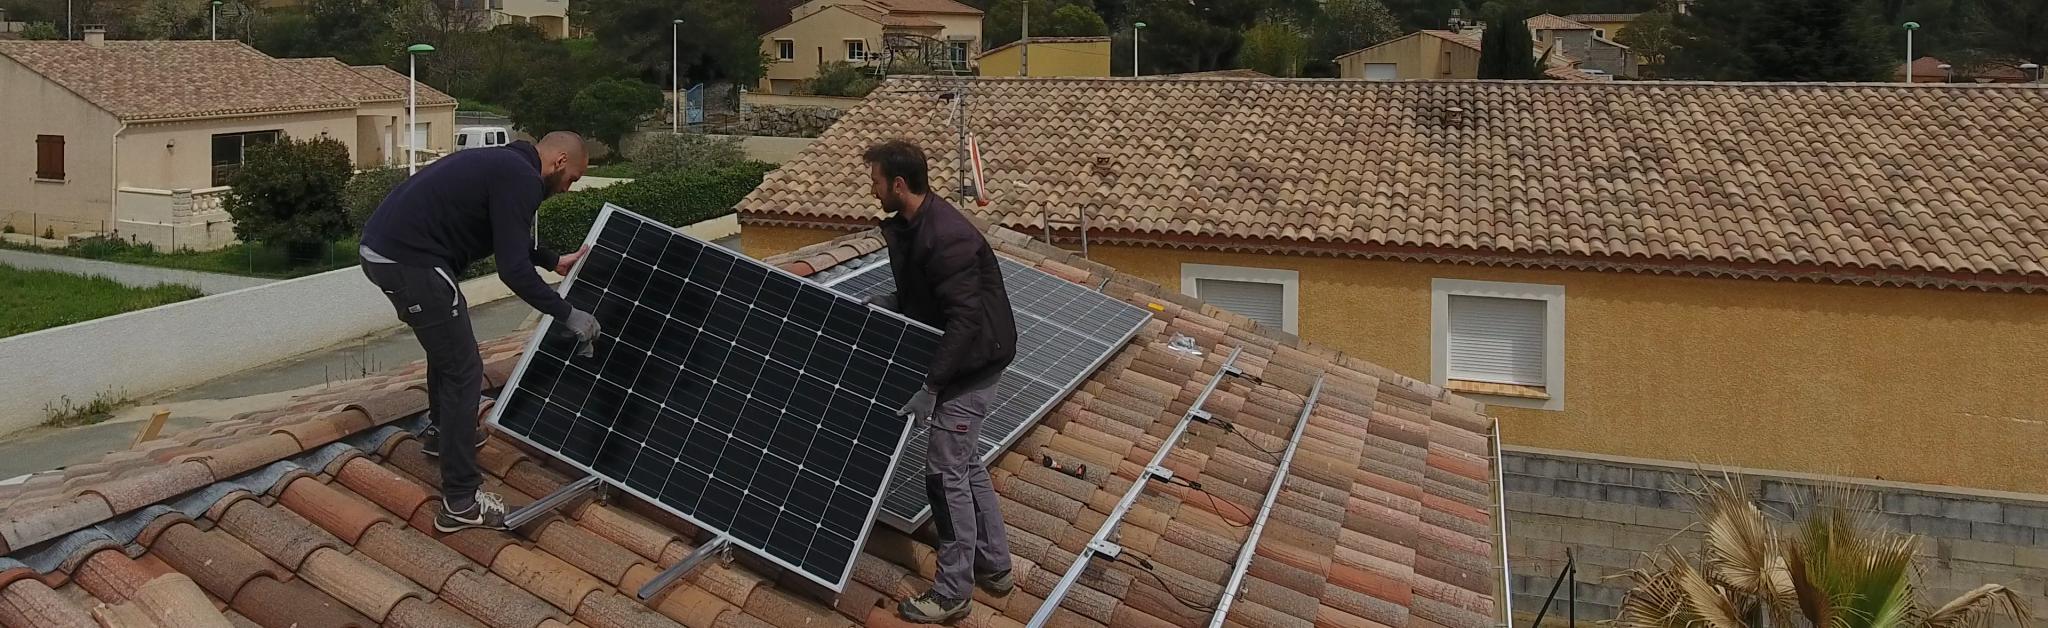 Installation de panneaux solaires en surimposition par Libow